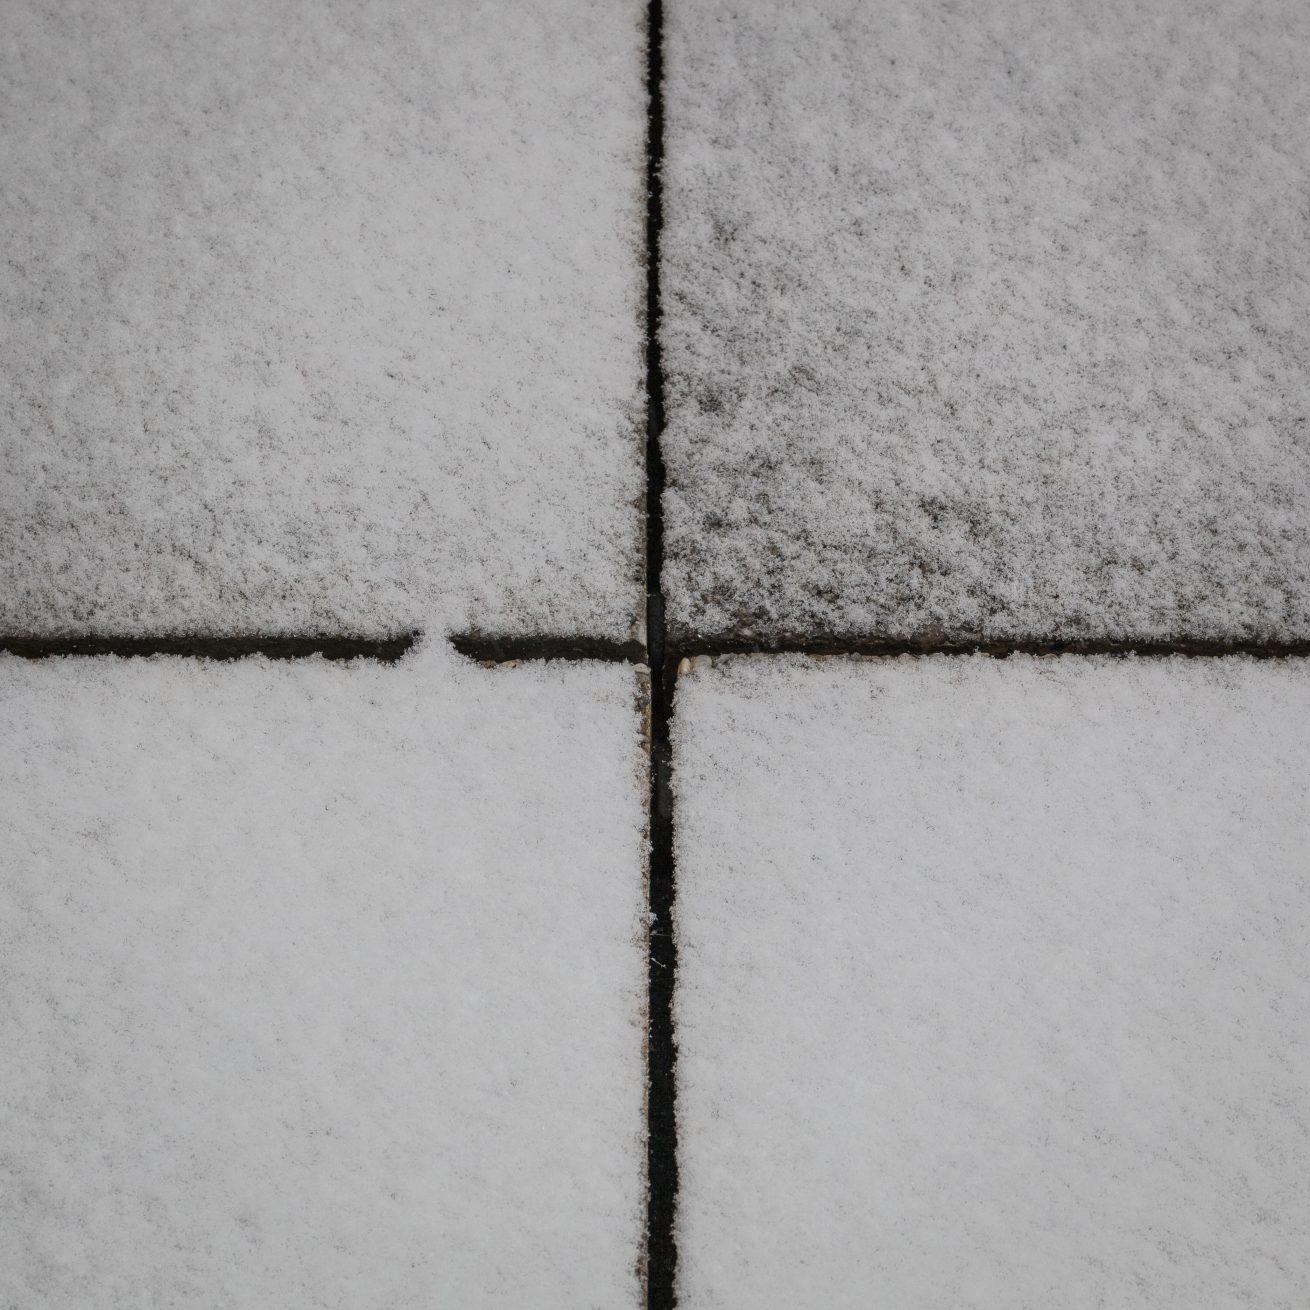 kruis in sneeuw (1 van 1)